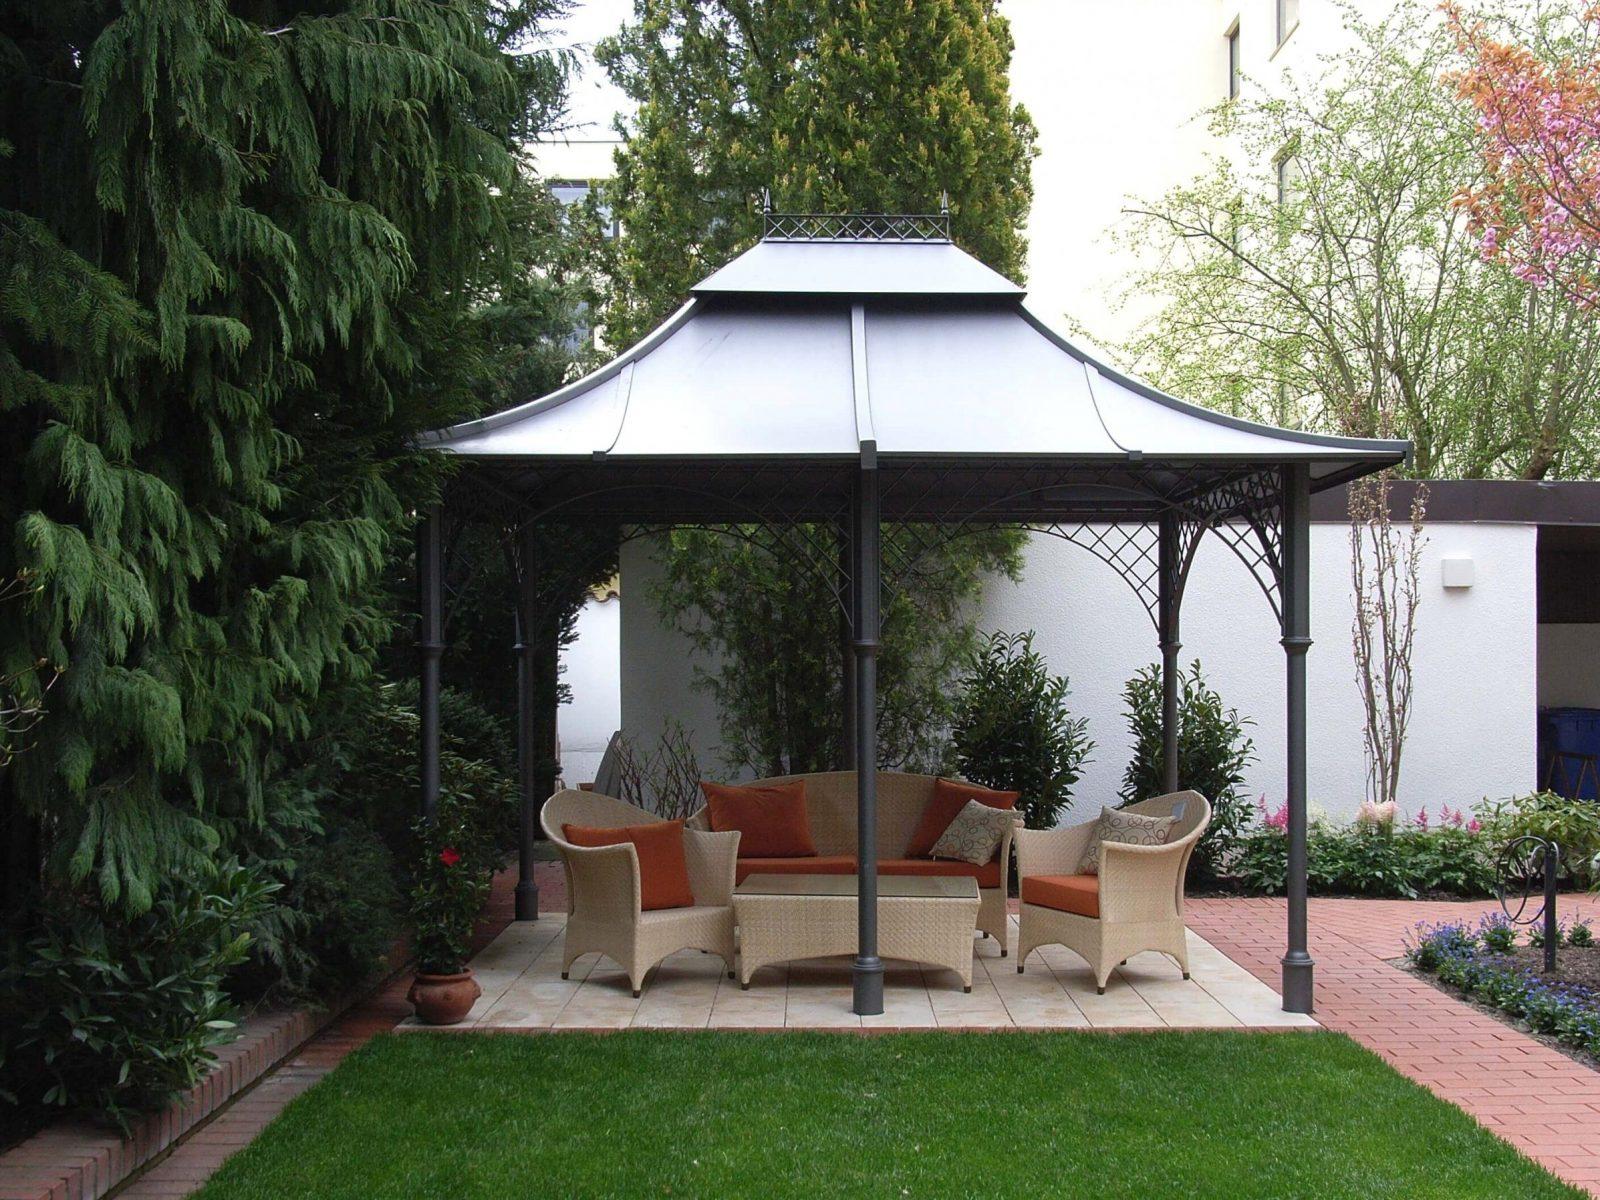 Metall Pavillon Mit Festem Dach von Metall Pavillon Mit Festem Dach Bild